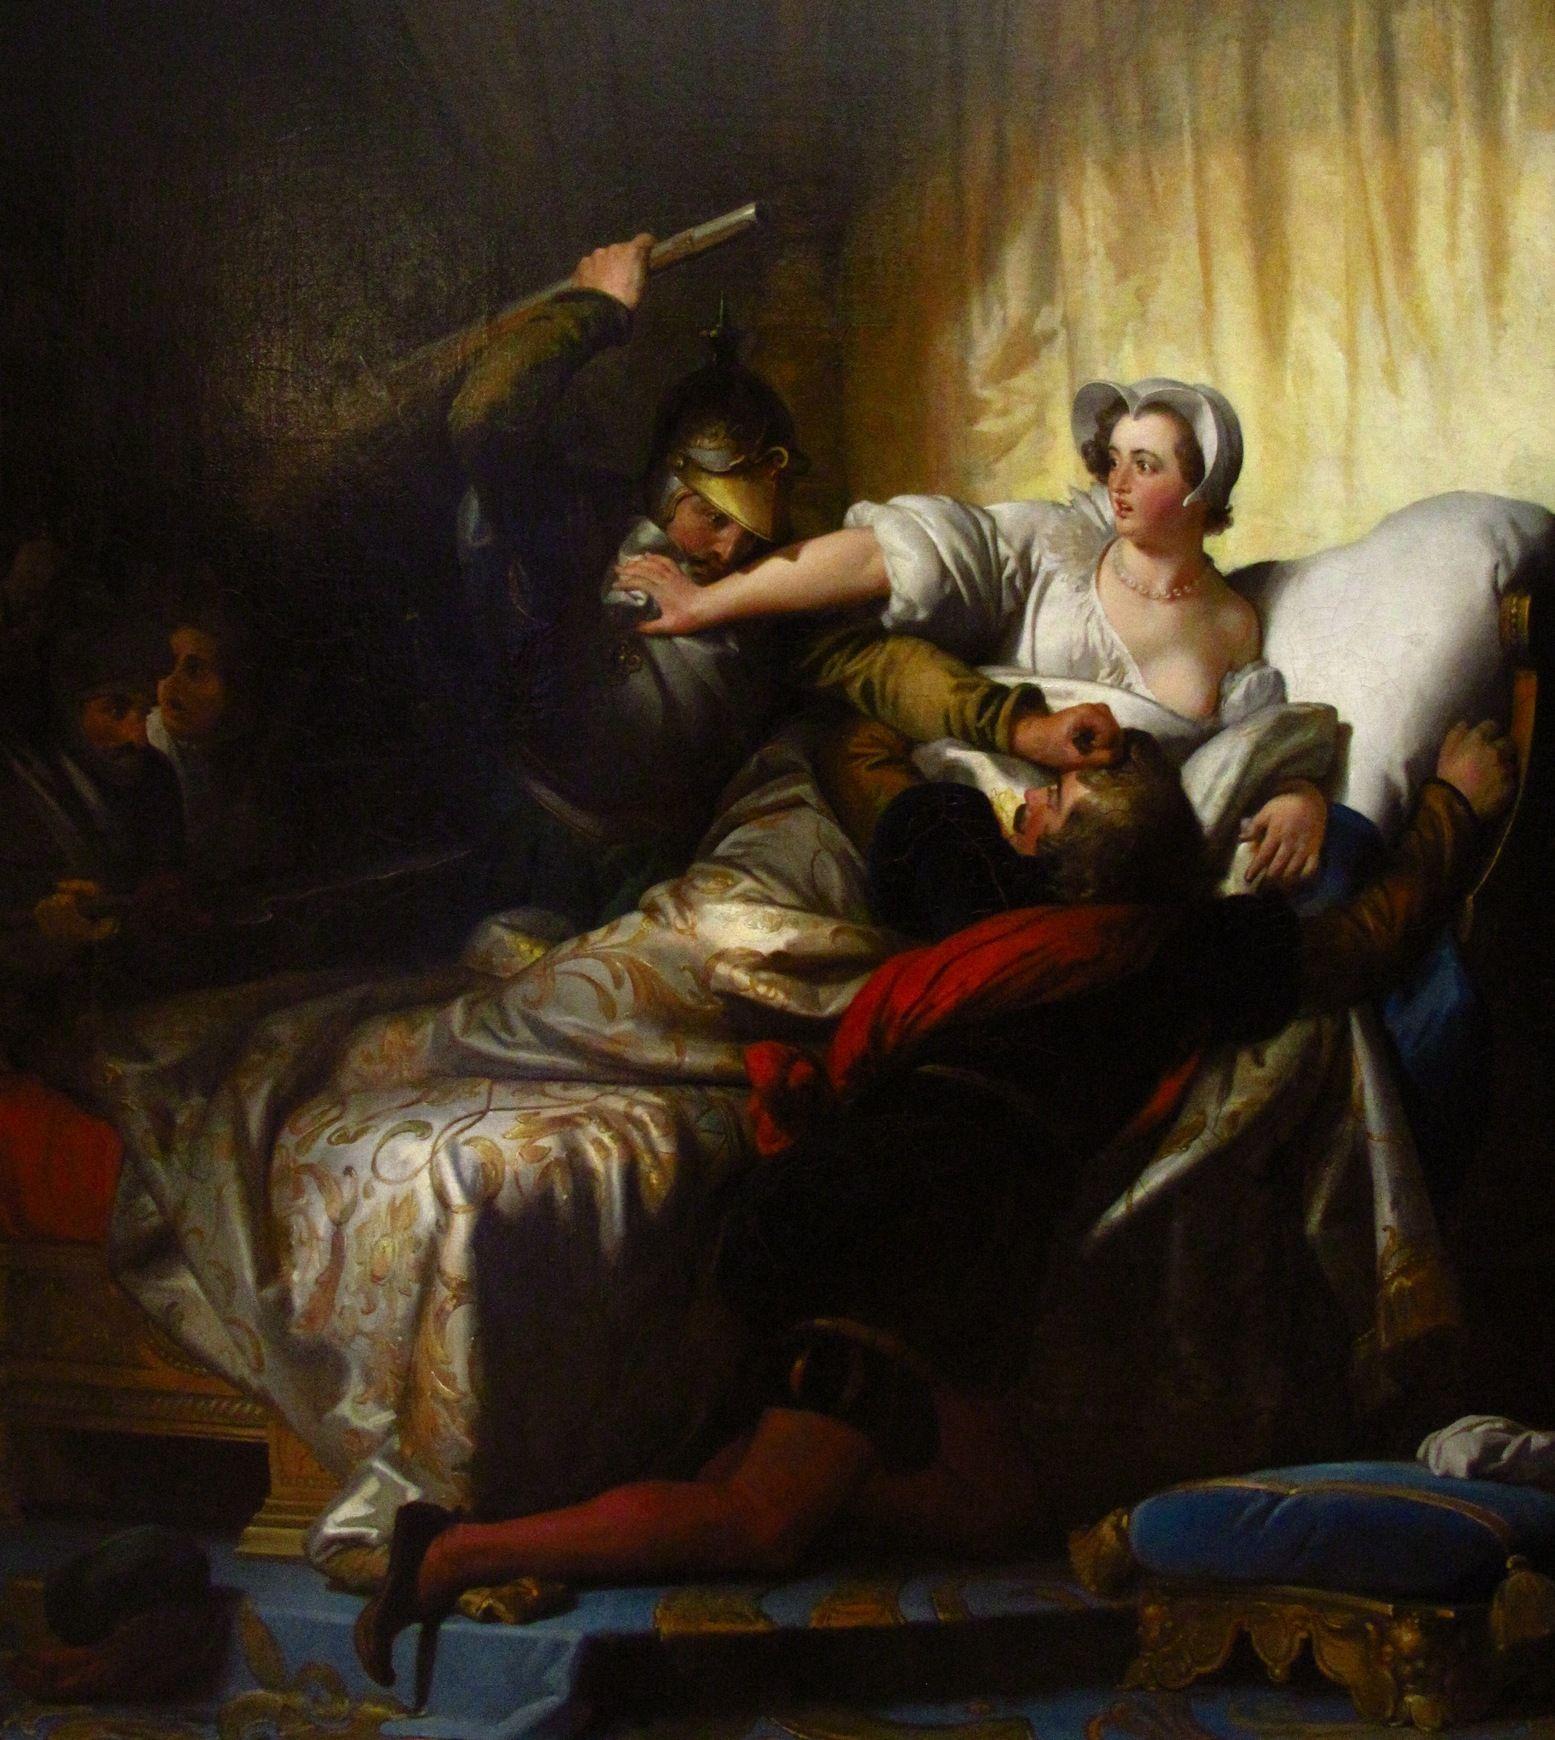 Małgorzata nawet we własnej sypialni nie była bezpieczna, gdy rozpętało się piekło. I trudno jej się dziwić, że winiła za to matkę. Na tym obrazie Alexandre'a-Évariste'a Fragonarda z 1836 roku Margot osłania przed siepaczami własną piersią hugenota, który wtargnął do jej komnaty (źródło: domena publiczna).